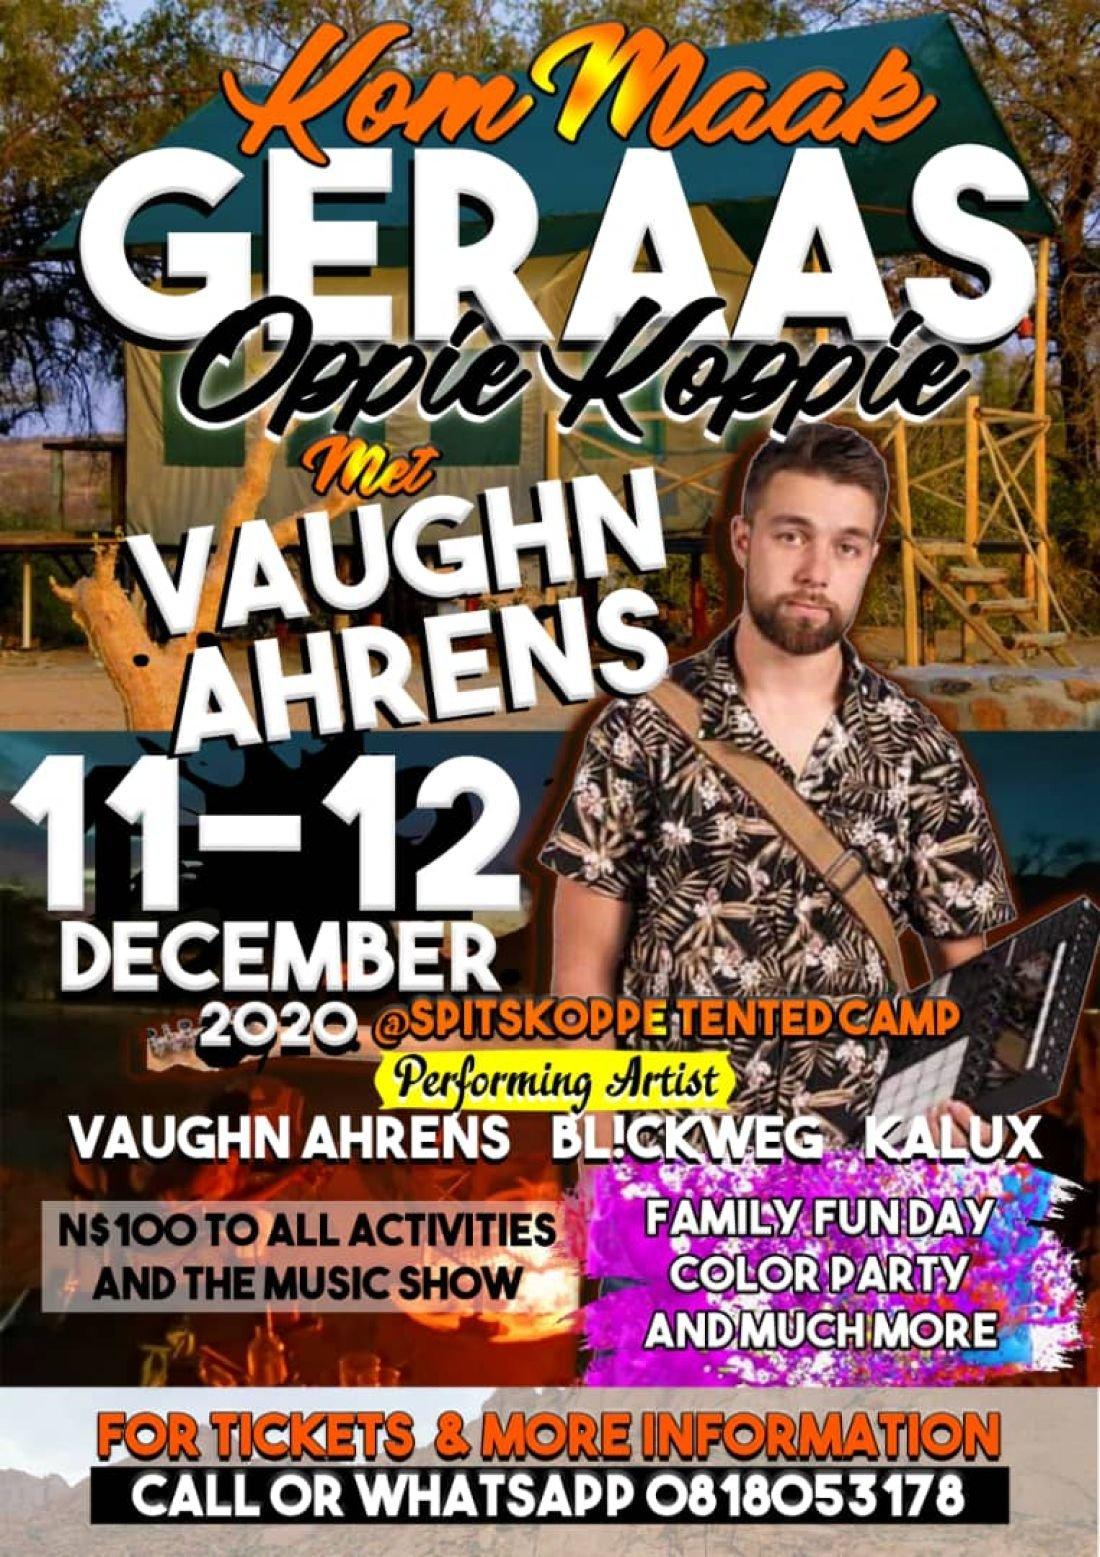 GERAAS OPPI KOPPI Family Fun weekend , 11 December   Event in Swakopmund   AllEvents.in